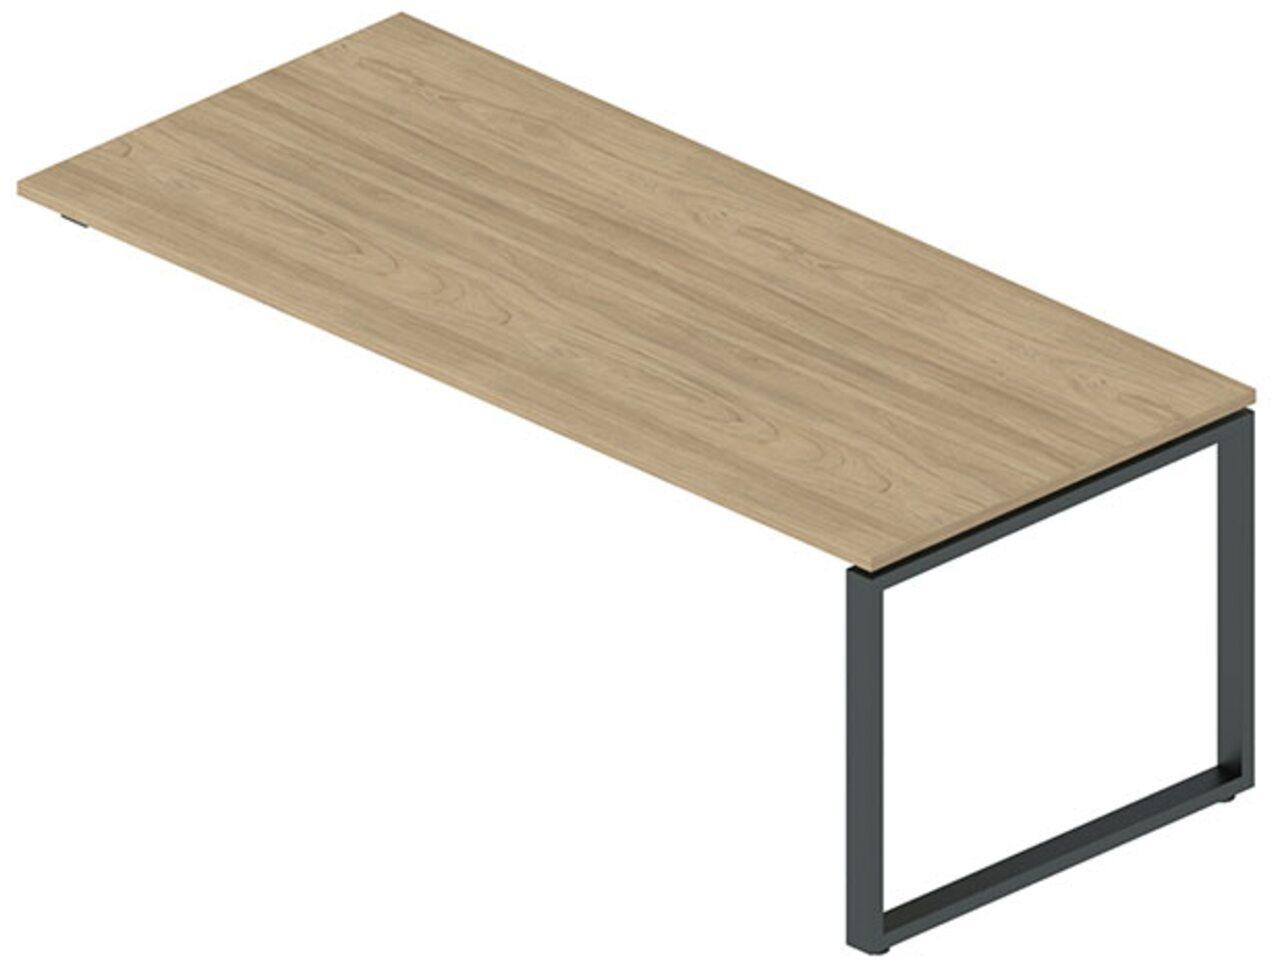 Стол с укороченной опорой под тумбу  Rio Direct 200x90x75 - фото 3